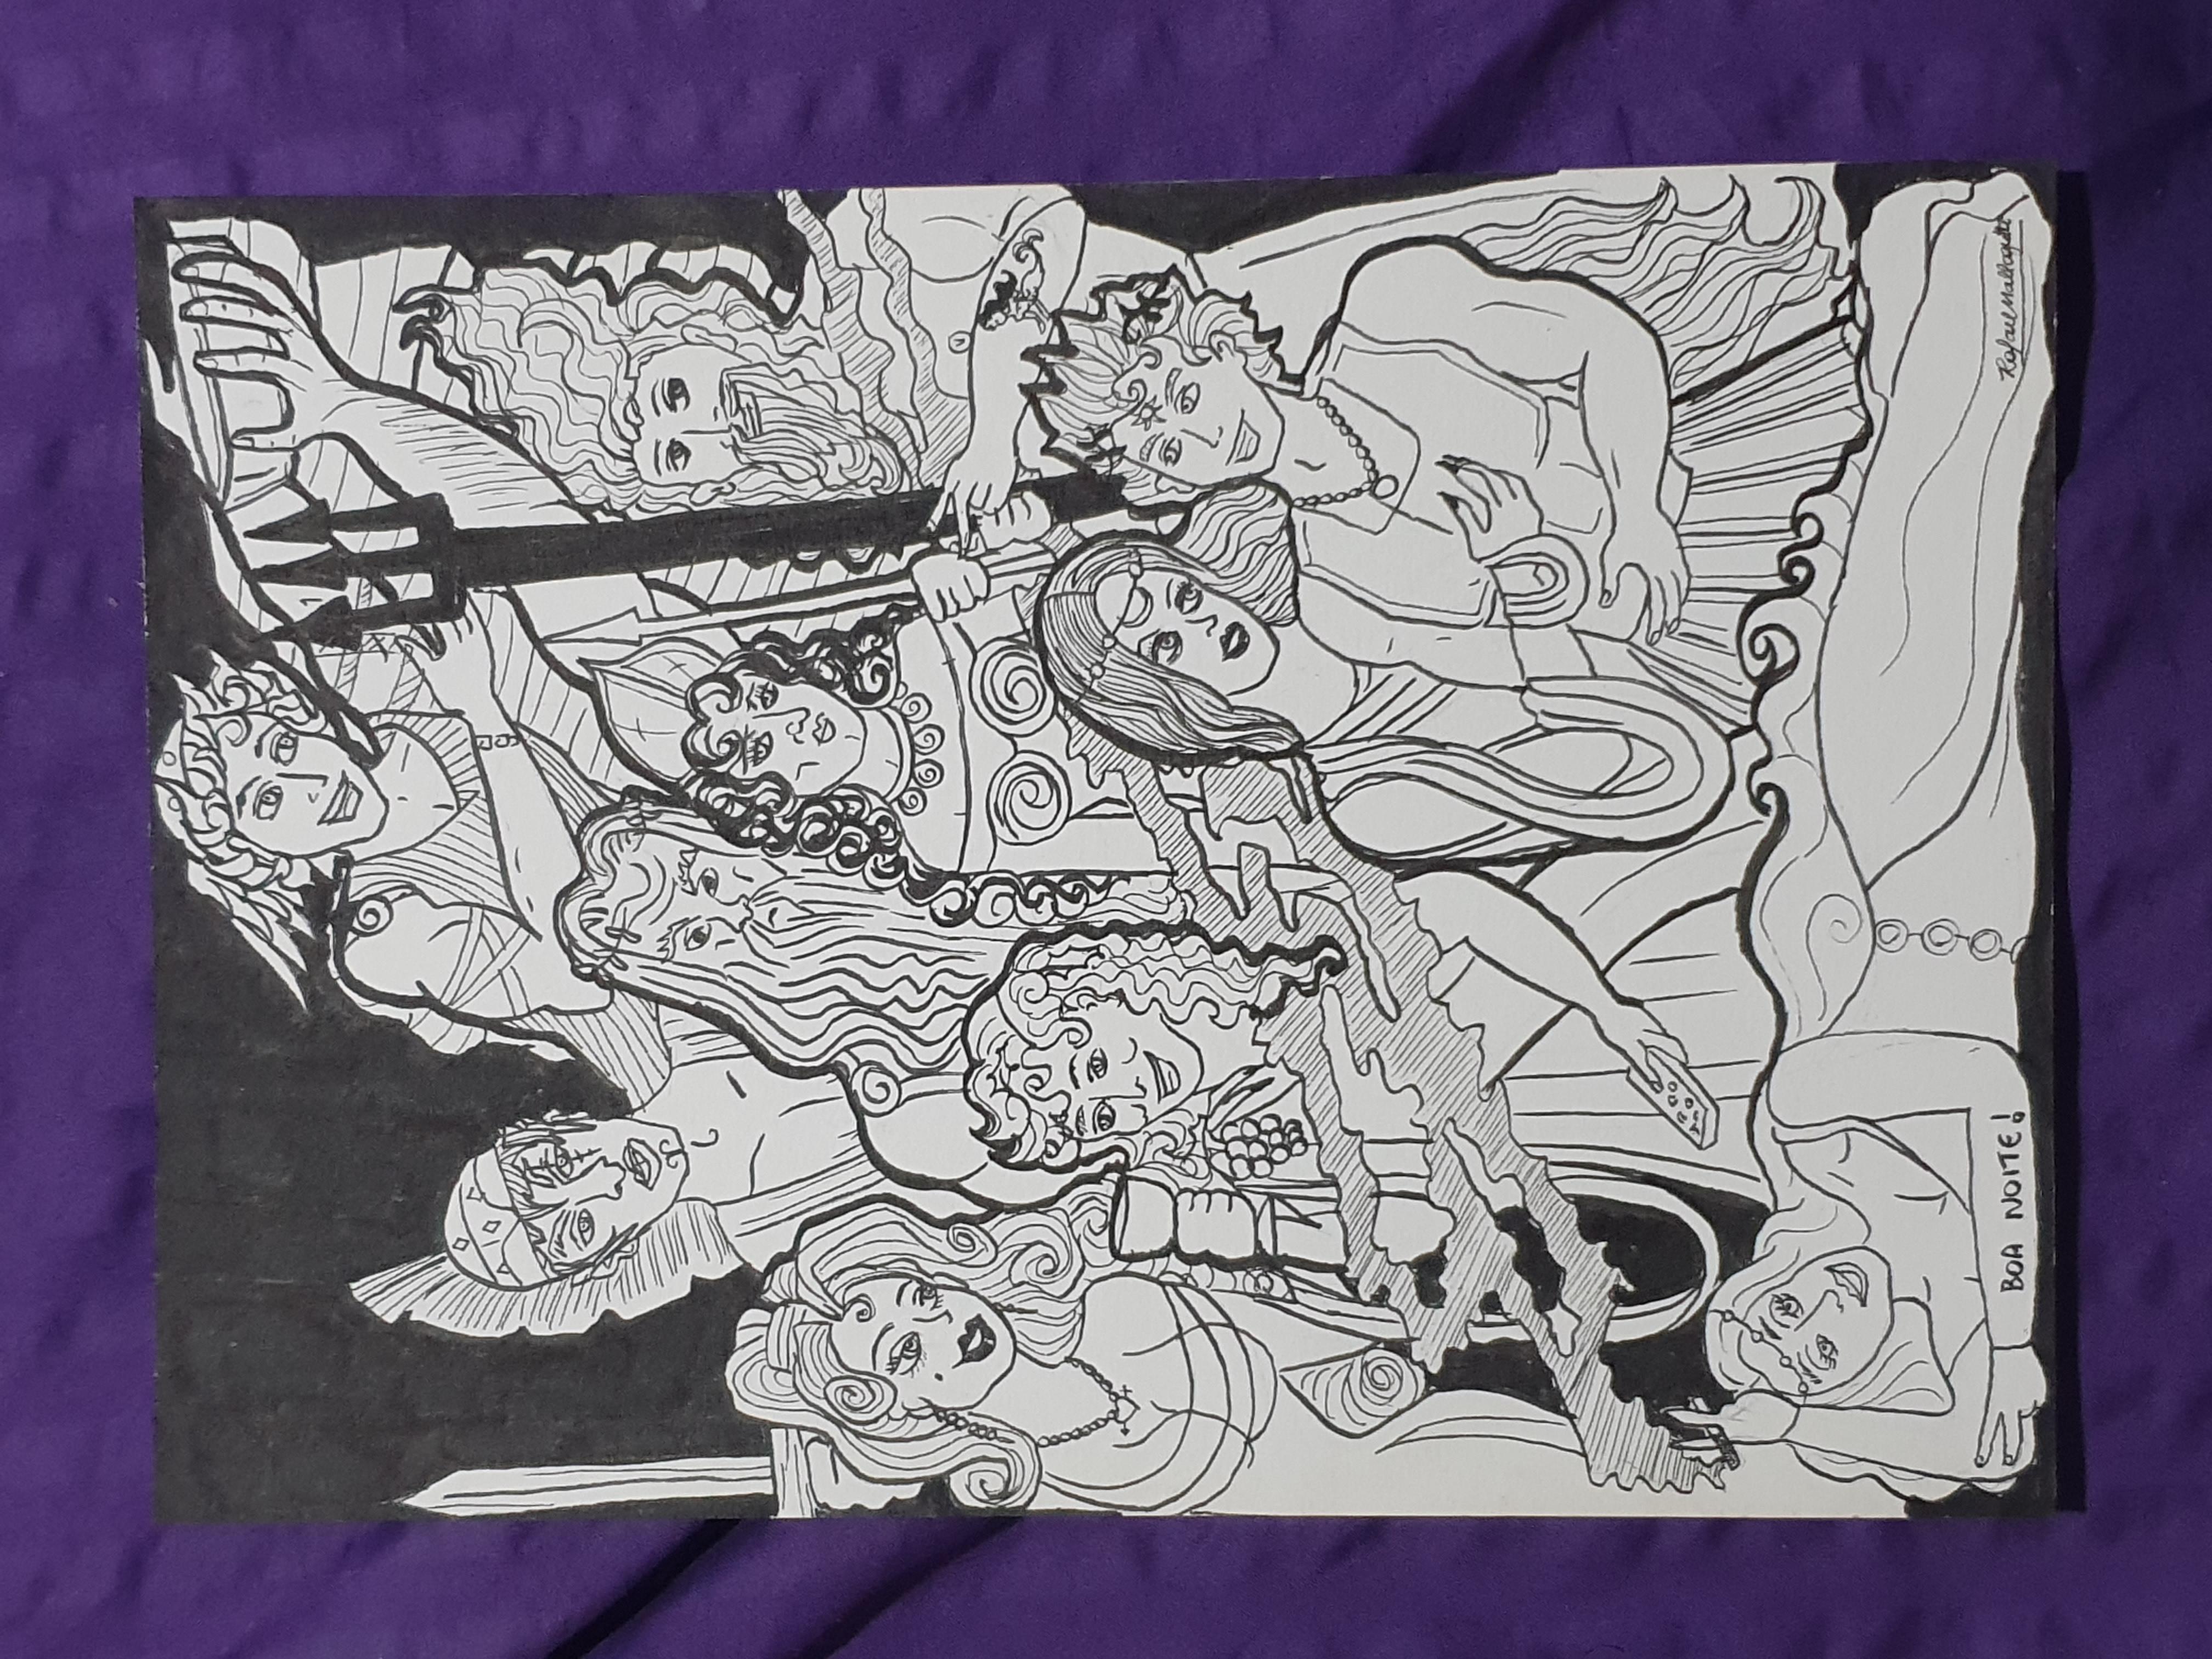 Manjar dos Deuses - ilustração para publicação da dramaturgia de Rafael Mallagutti